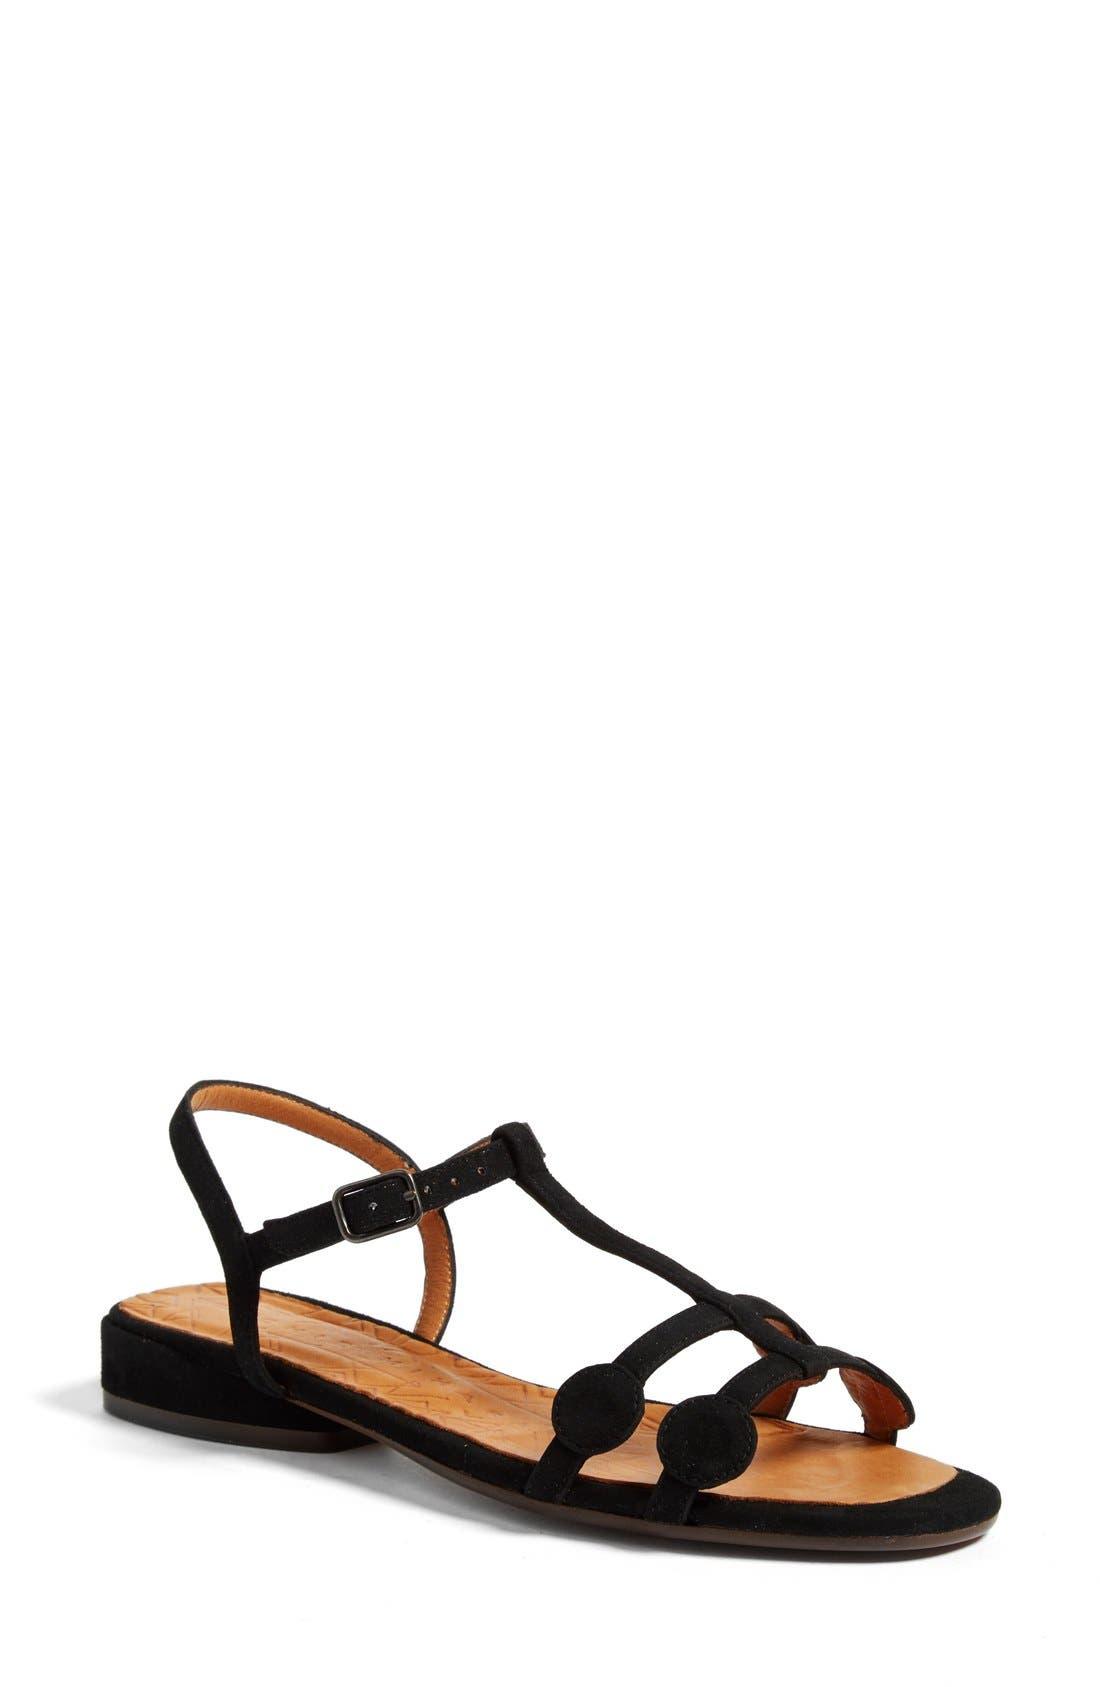 Nebula Sandal,                         Main,                         color, Black